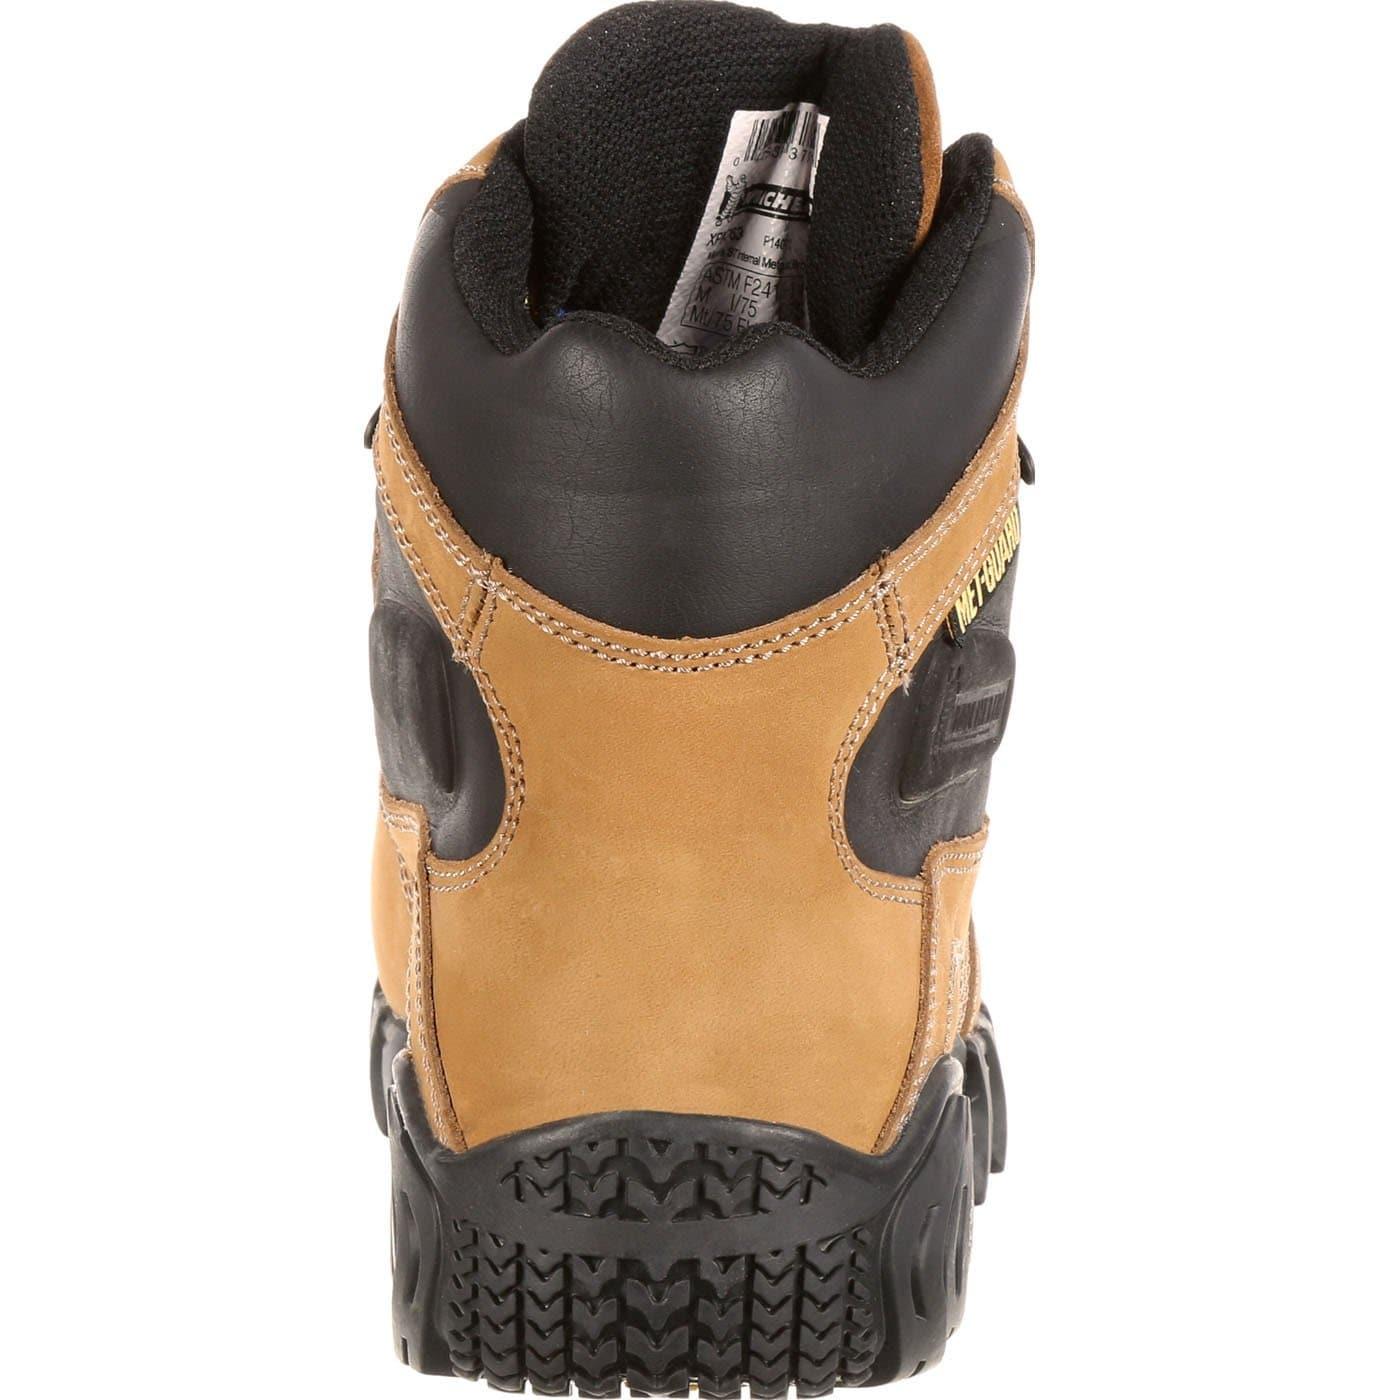 dde23b089d5 #XPX763, Michelin® Steel Toe Internal Met Guard Work Boot